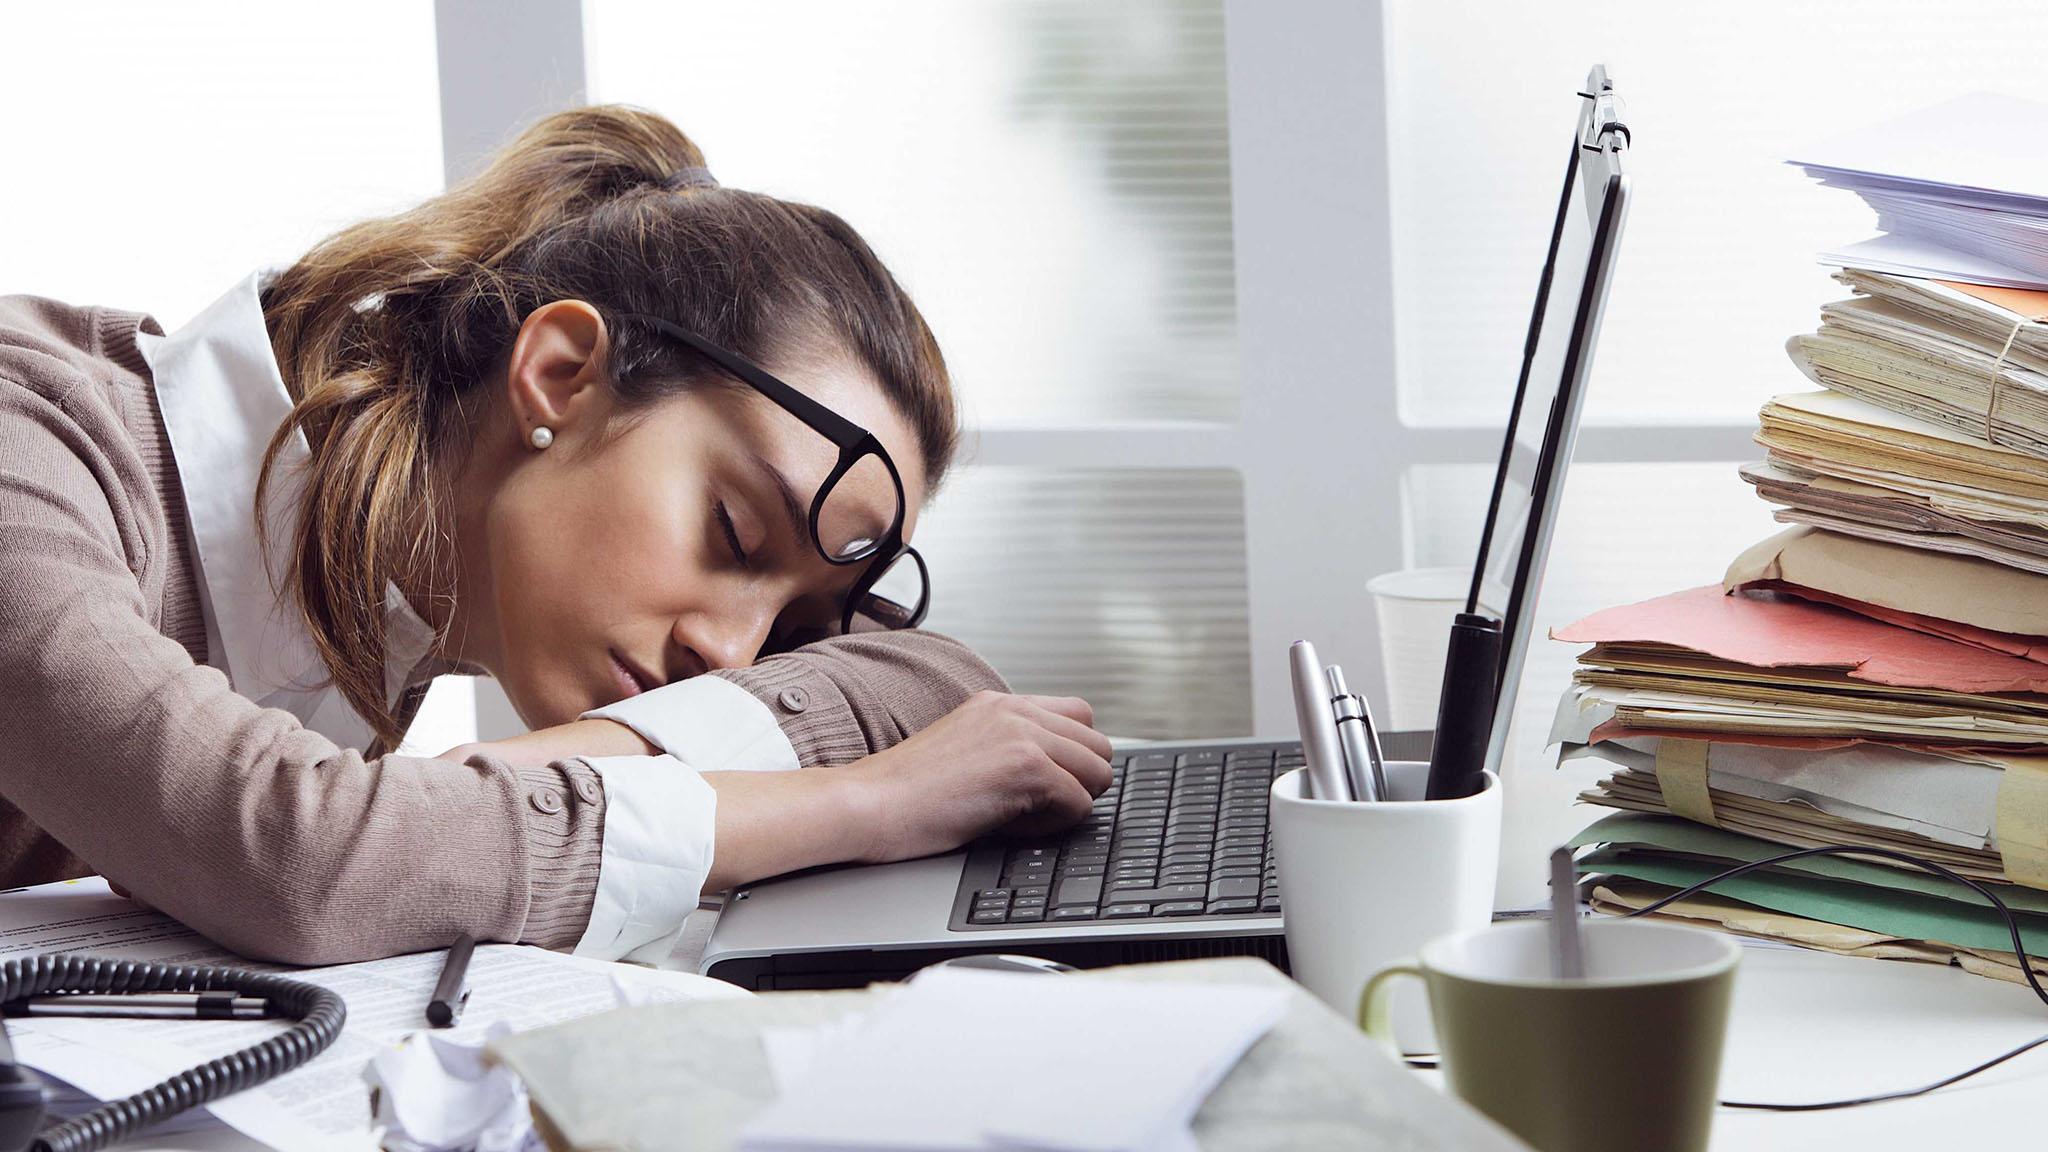 уставшая девушка на работе